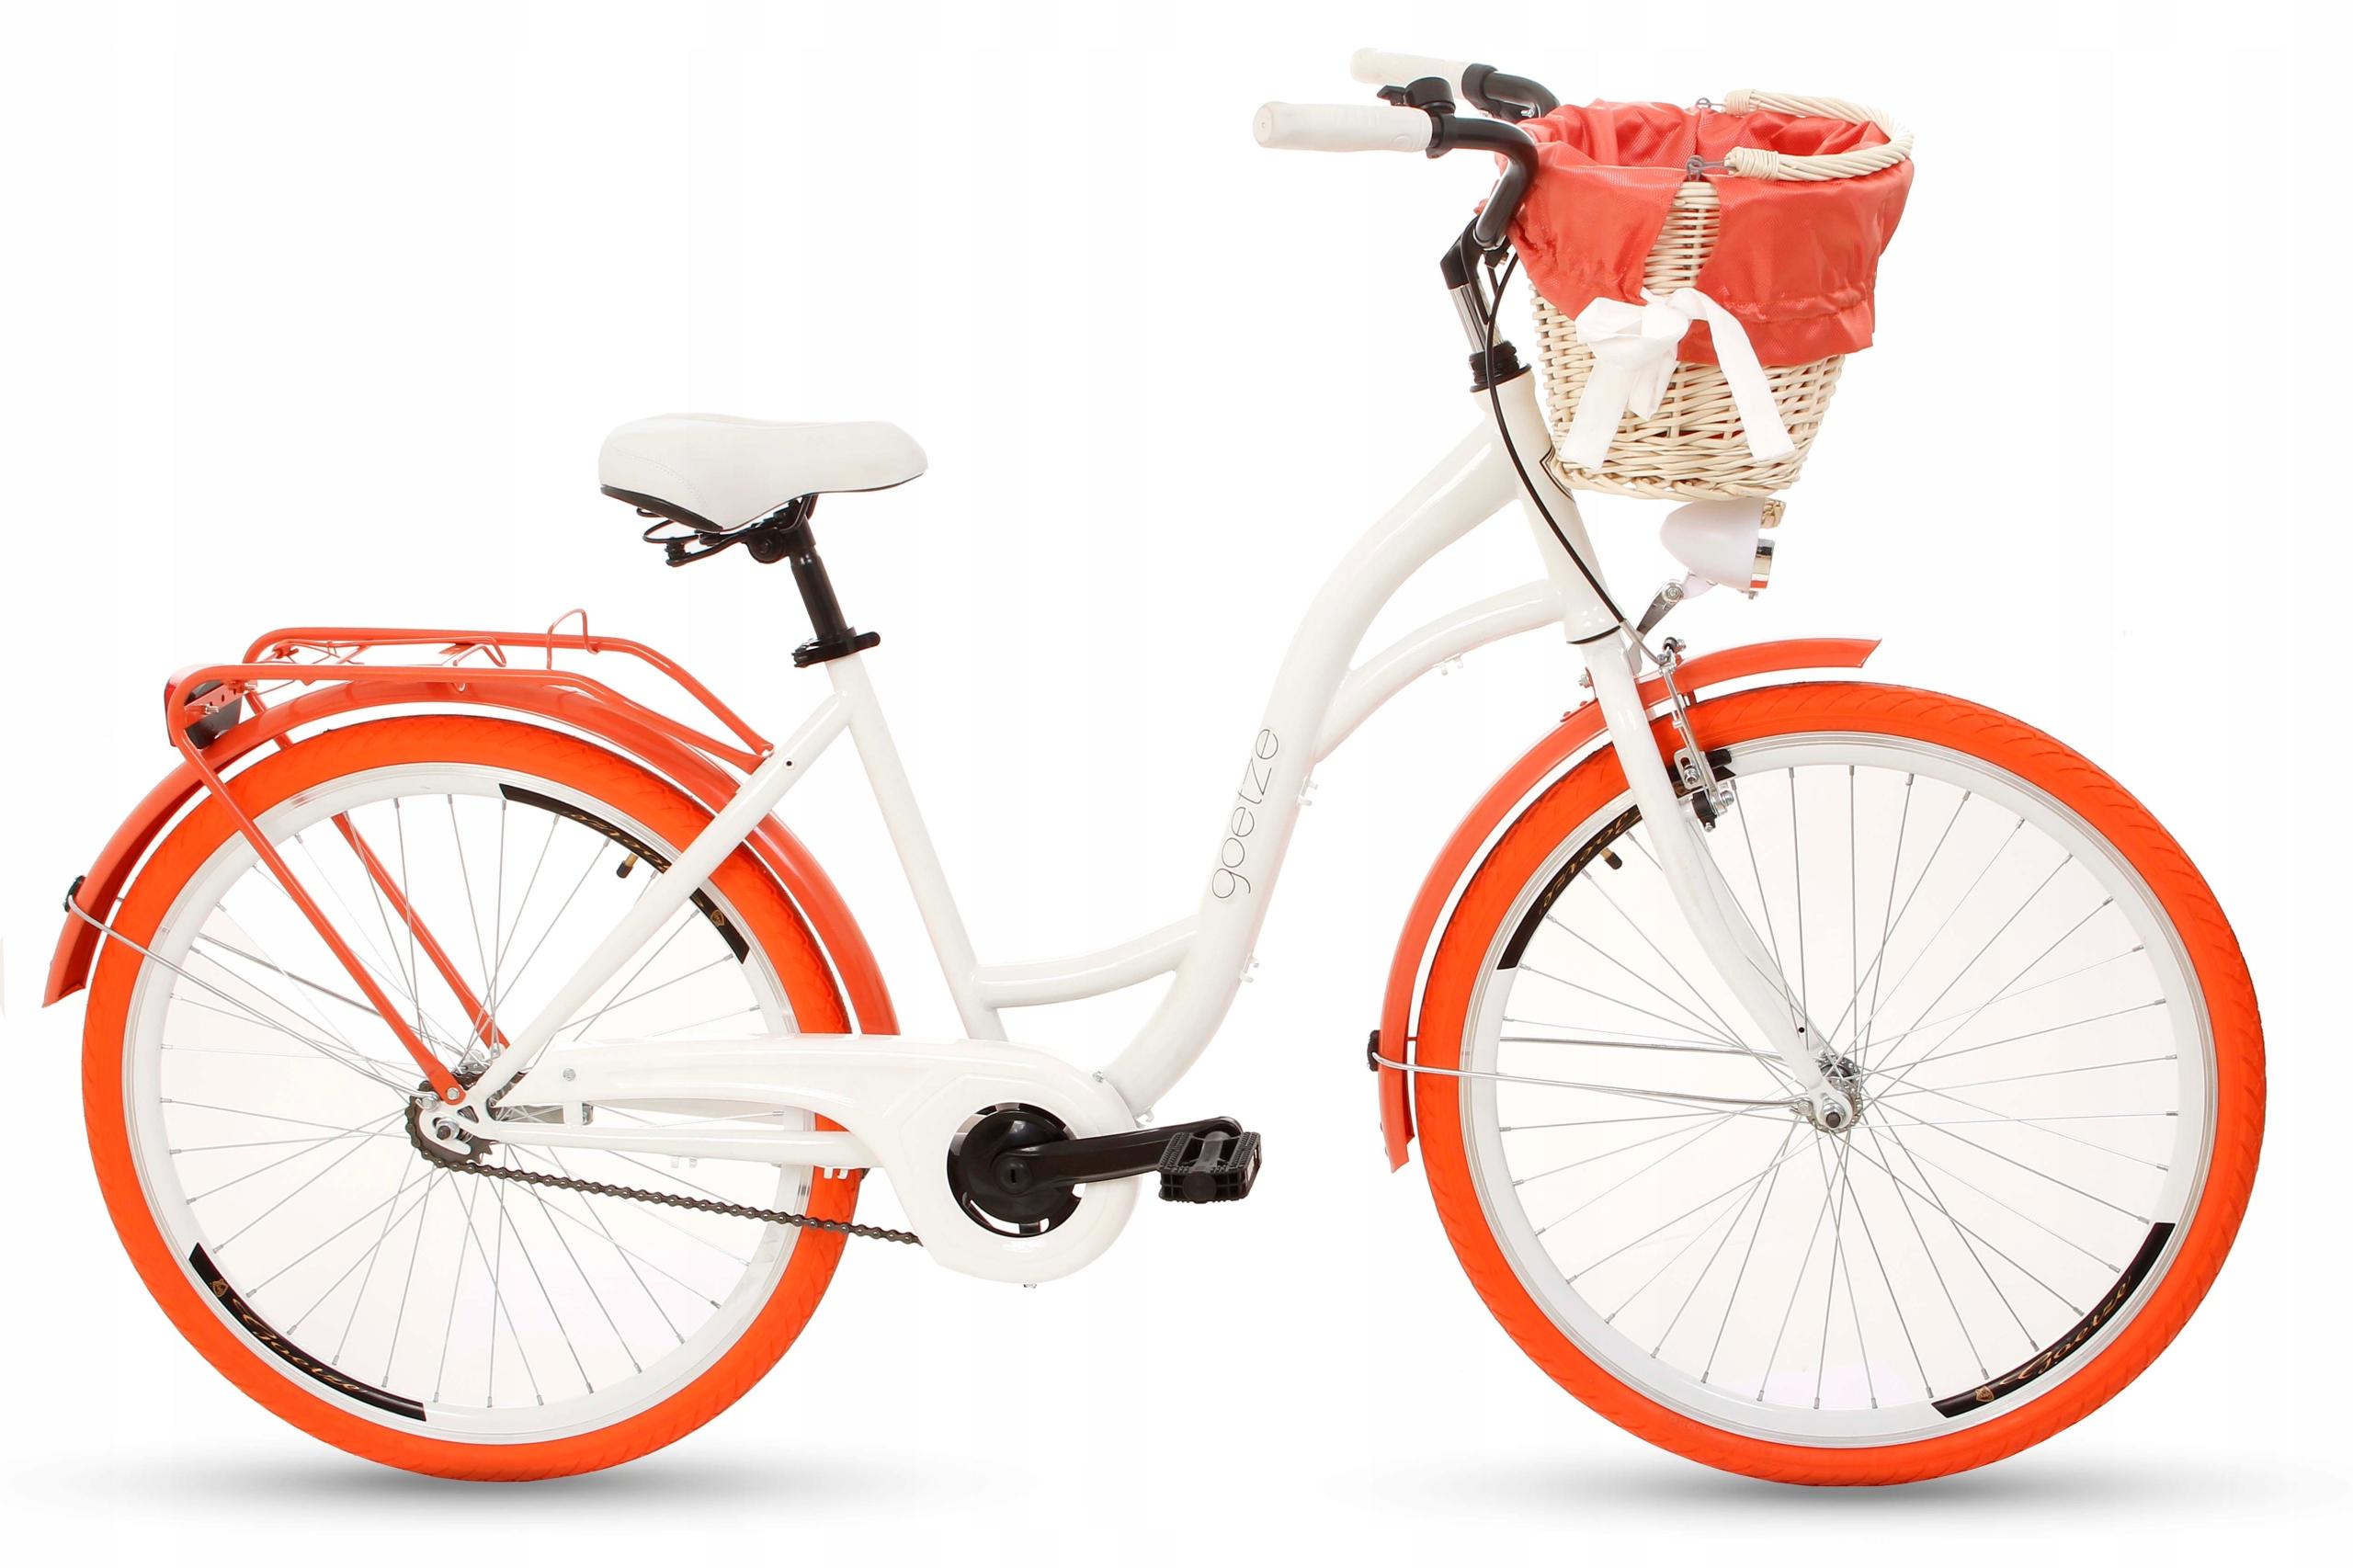 Dámsky mestský bicykel Goetze COLORS 26 košík!  Farba iná